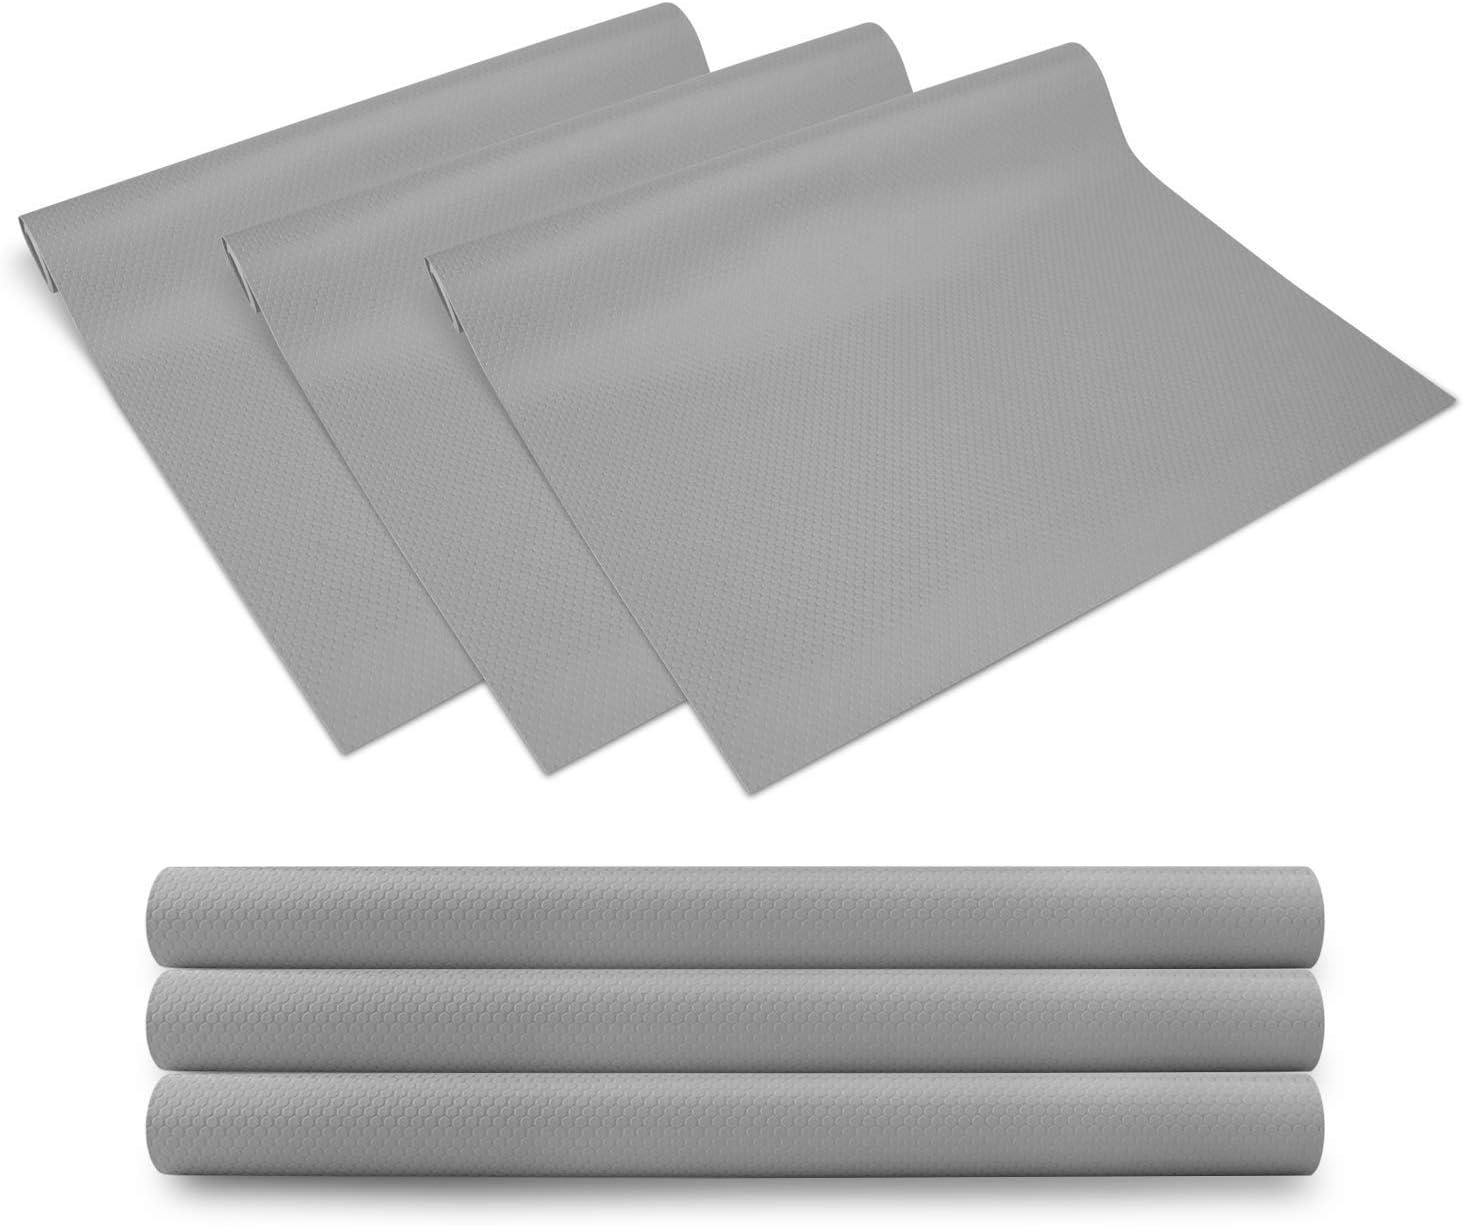 KONKY 3 Rollos EVA Protector Antideslizante Cocina, Estantes el gabinete Estera Cuttable, Impermeable Estera del refrigerador, Forro de cajón Reutilizable, 45 * 150cm, Gris